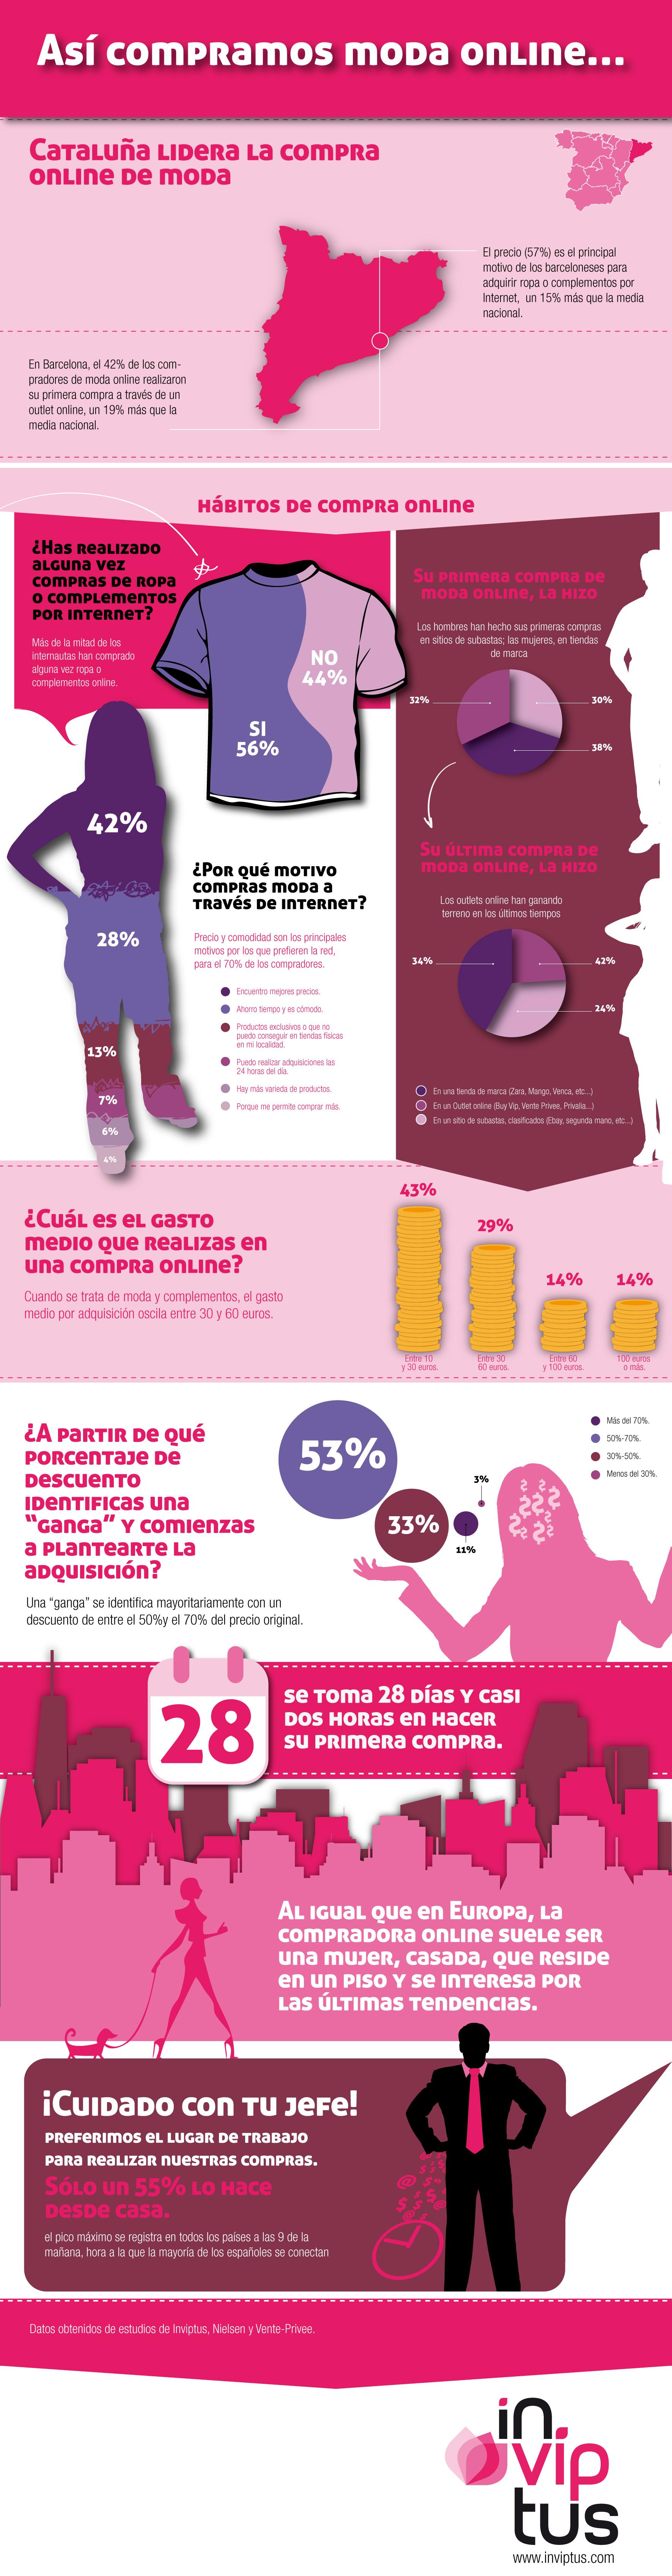 Moda online Cataluña | Otras infografías | Moda, Moda online